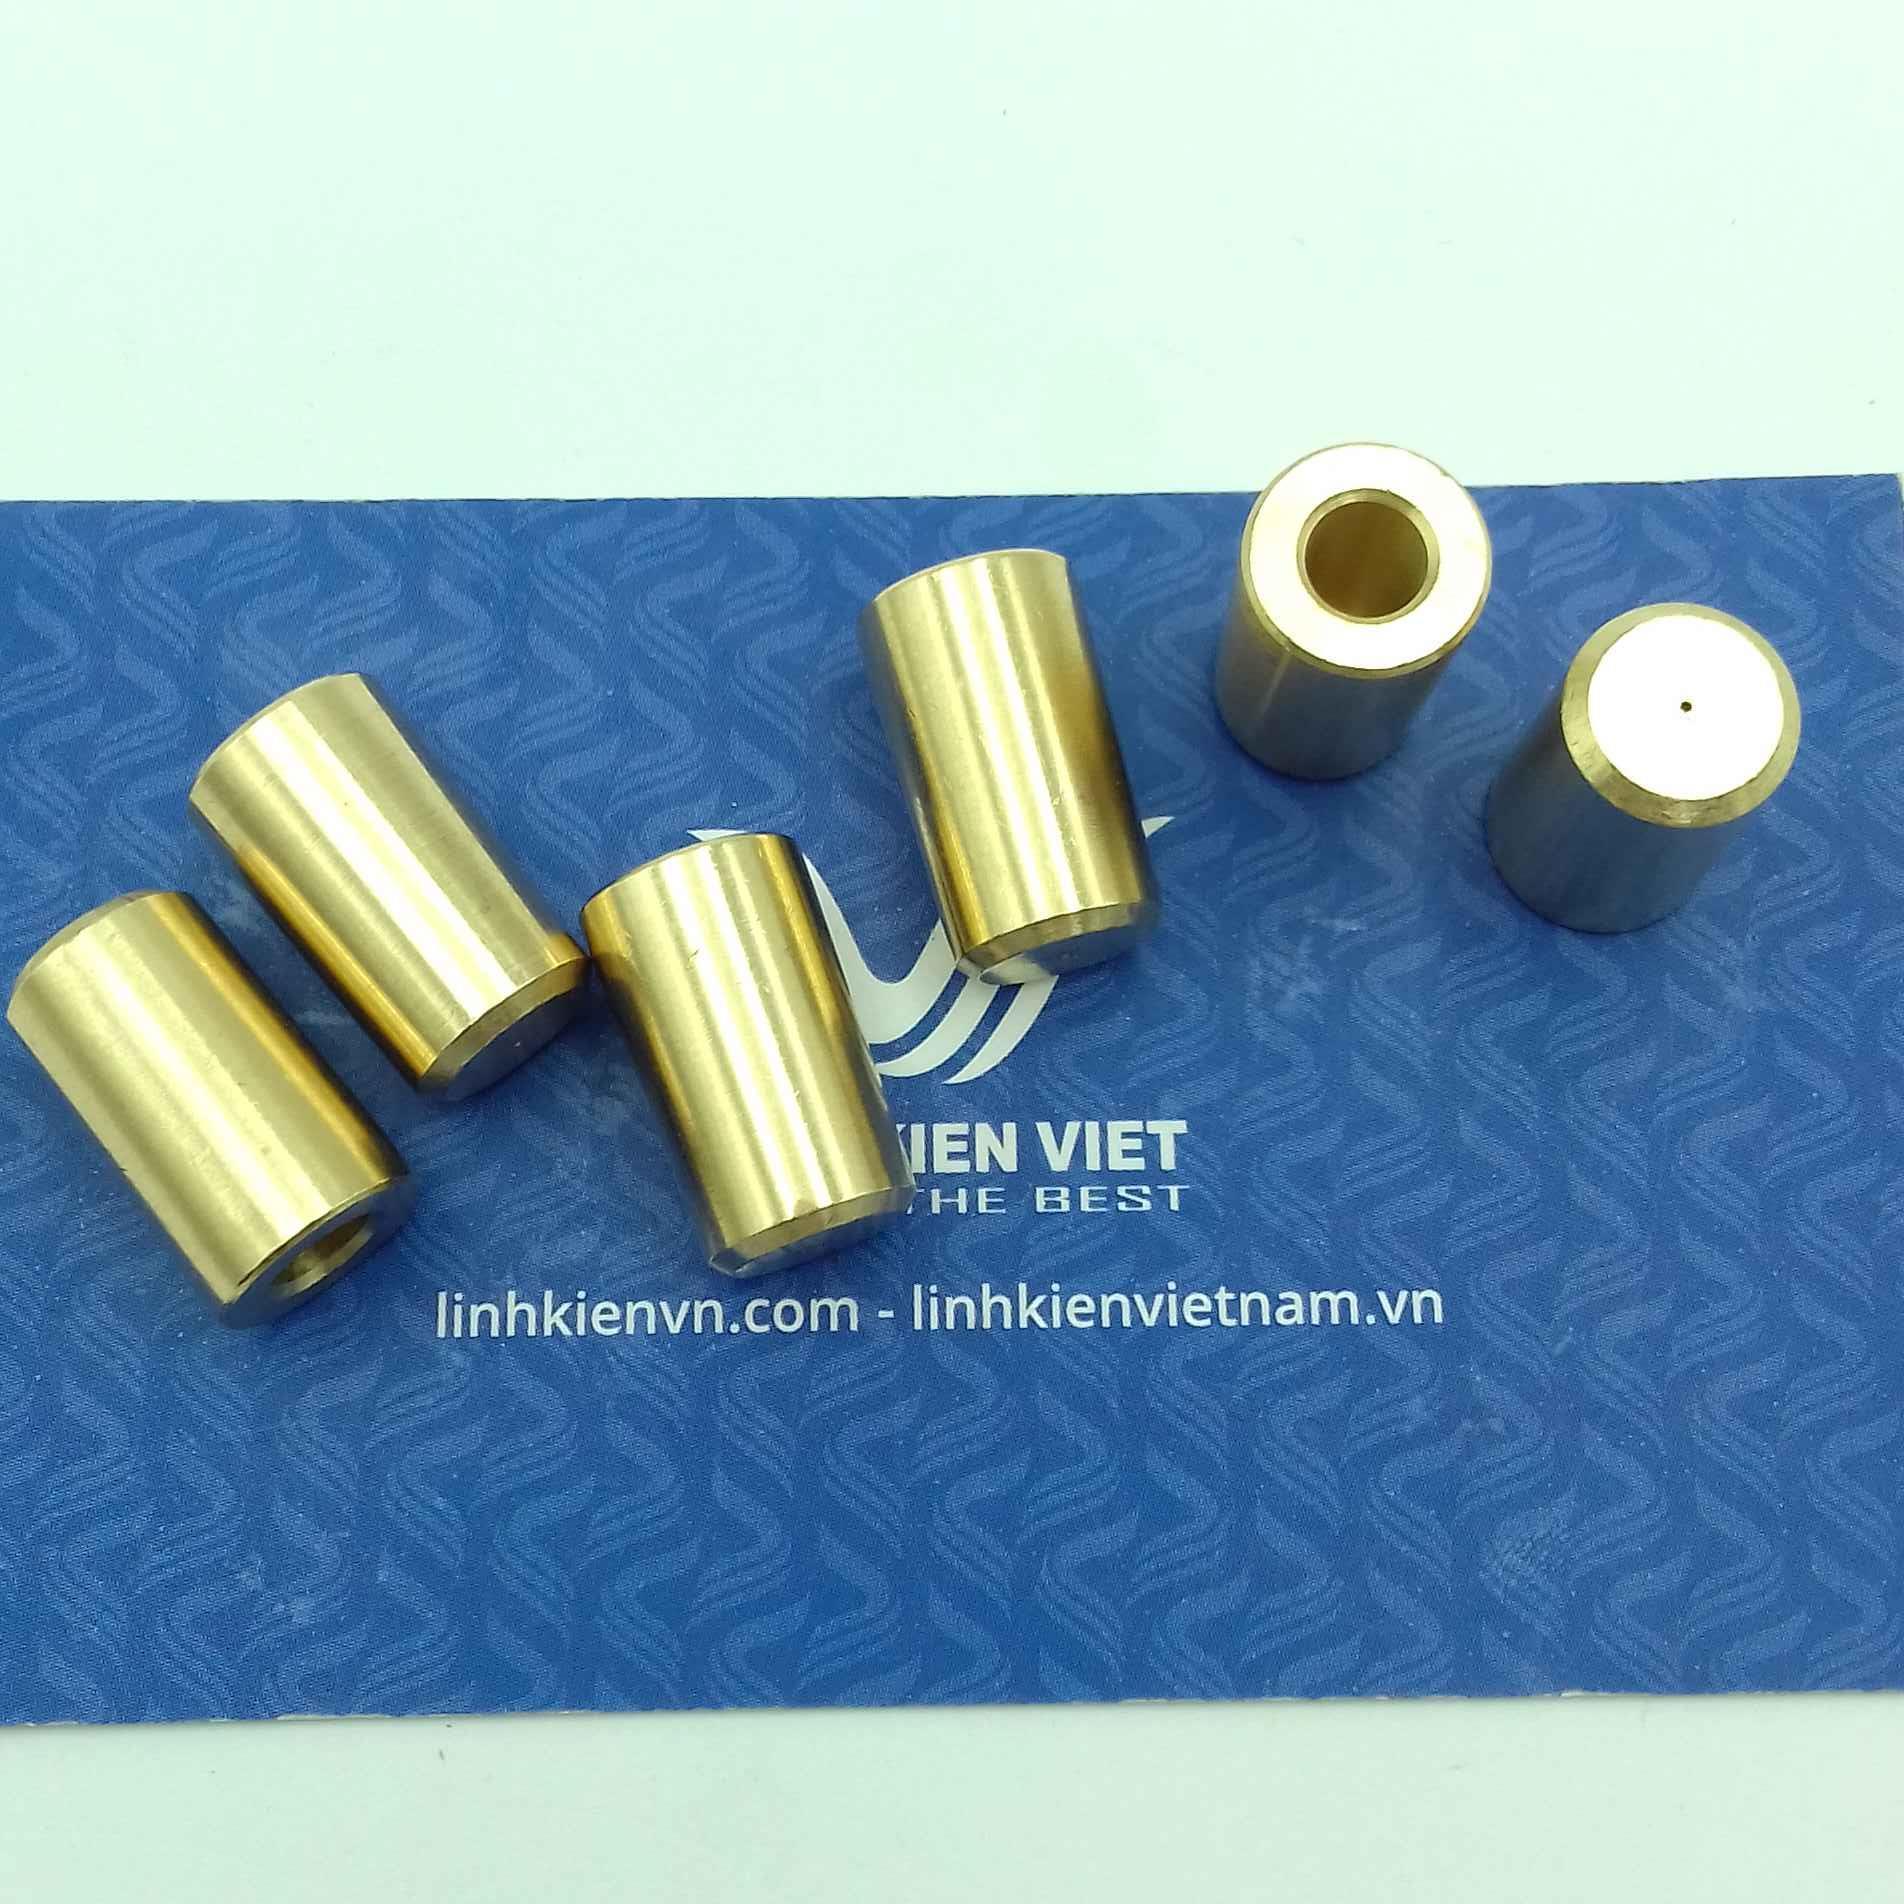 Đầu đồng chụp khoan JT0 B10 trục 5mm cho động cơ 775 - S5H17